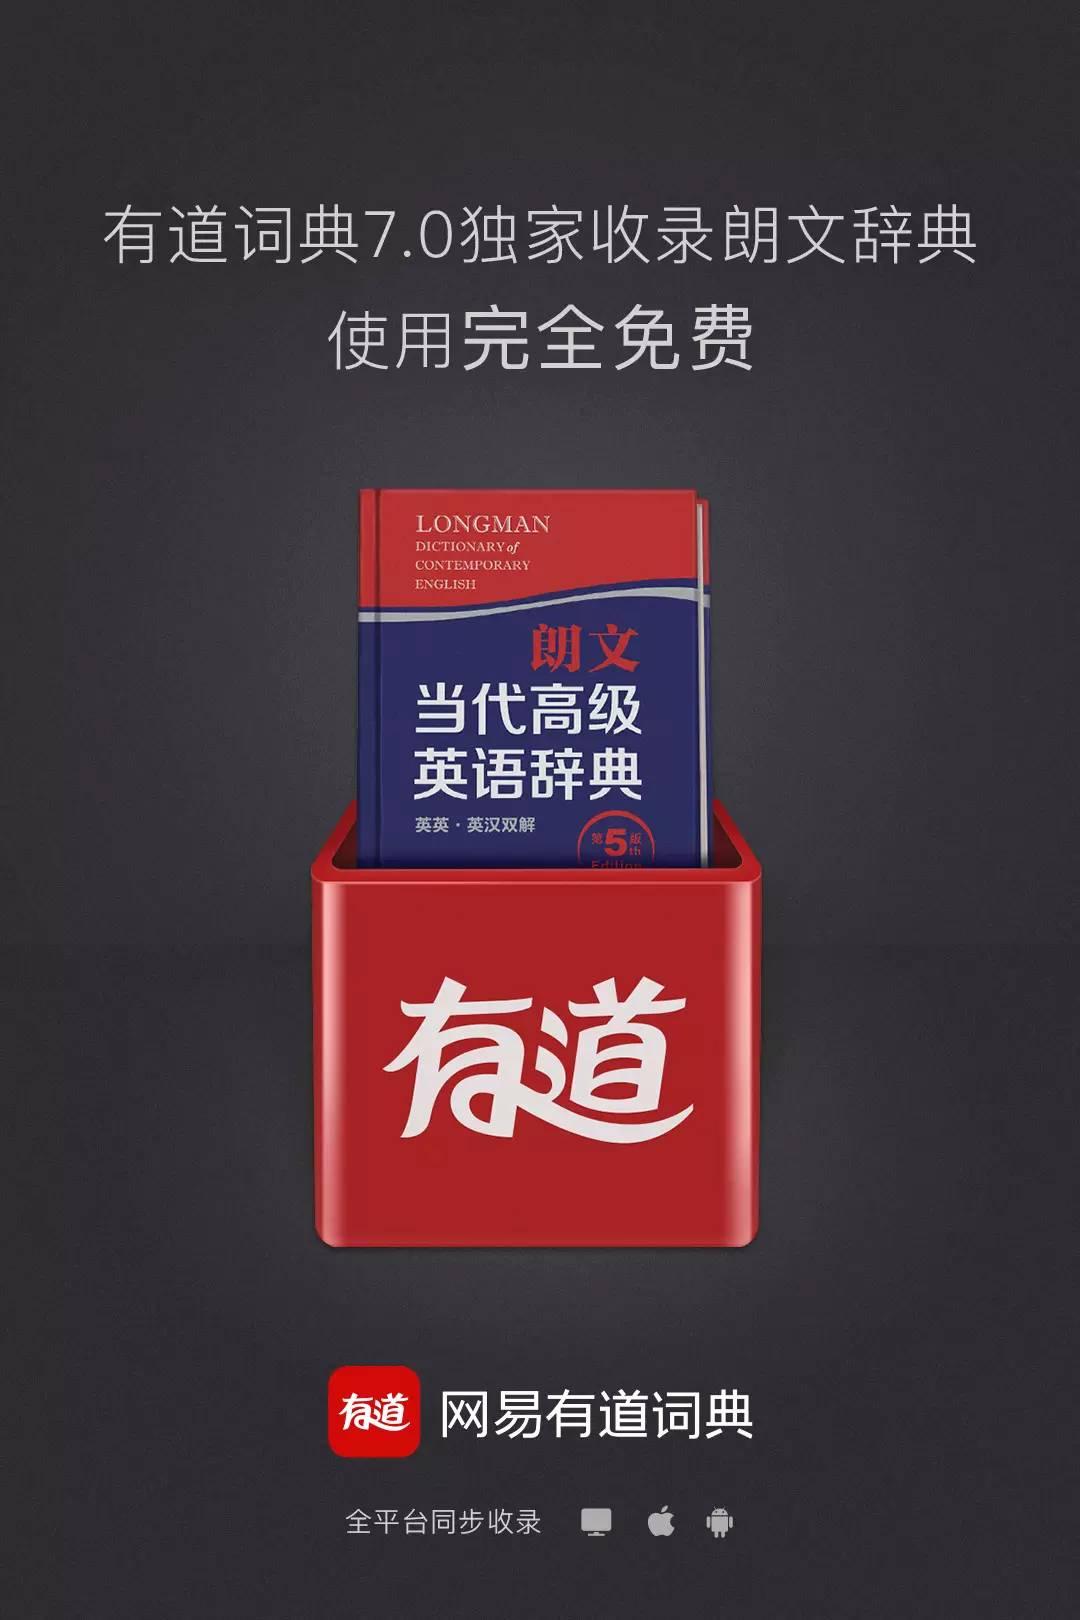 有道词典标准版V7.0用于宣传中文安装版本